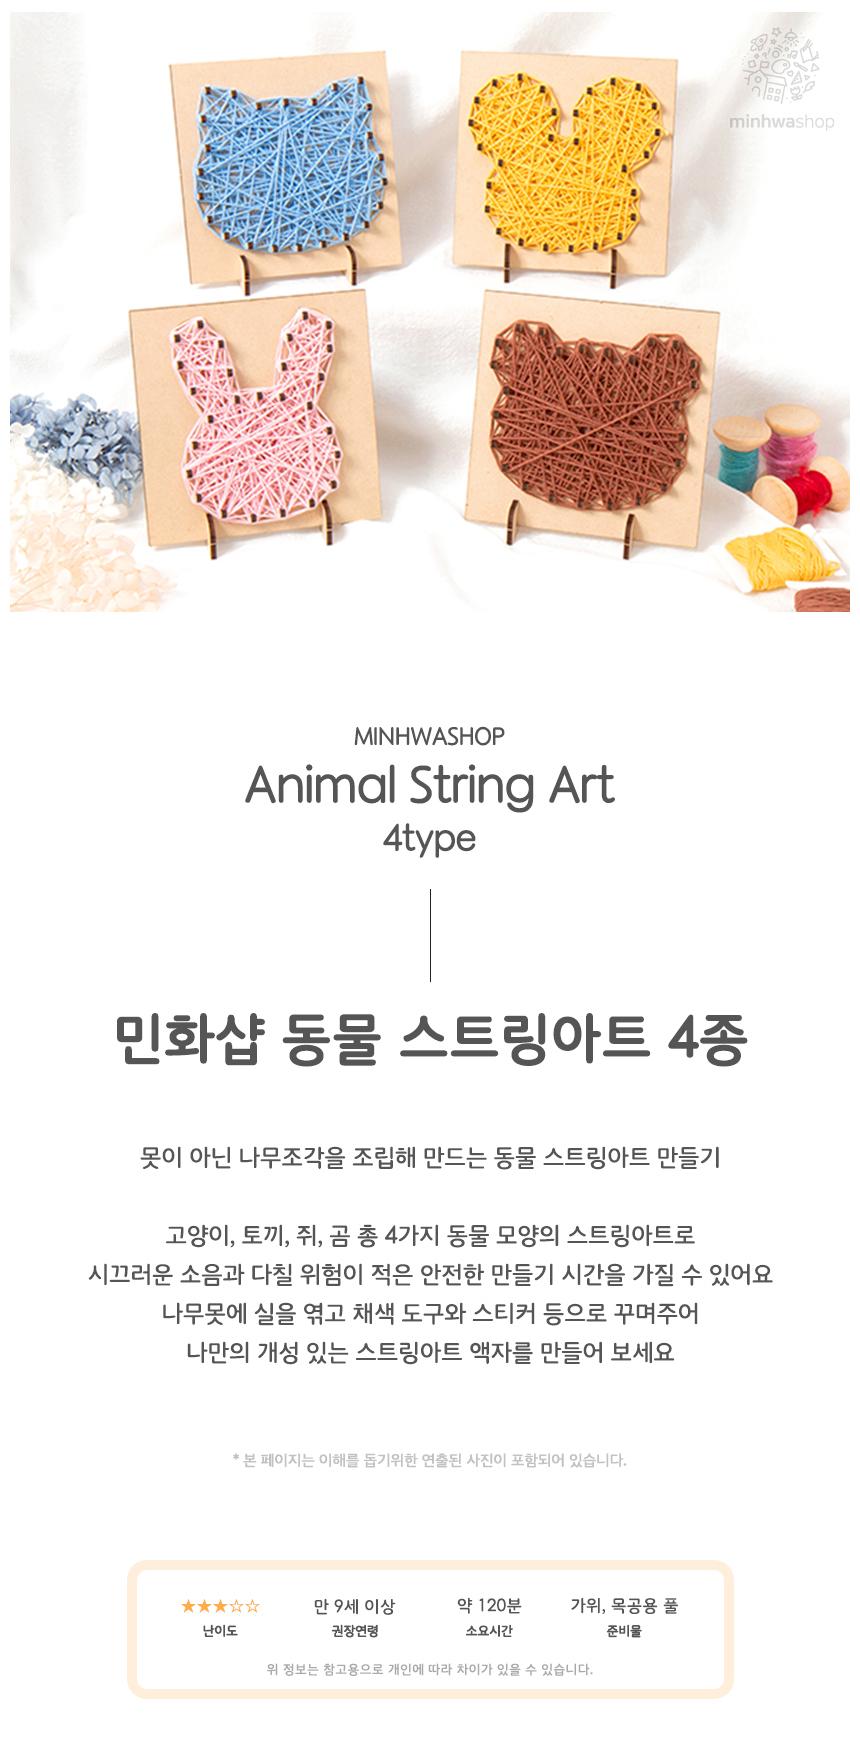 스트링아트세트 동물도안 겨울만들기 - 민화샵, 2,800원, DIY그리기, 스트링아트